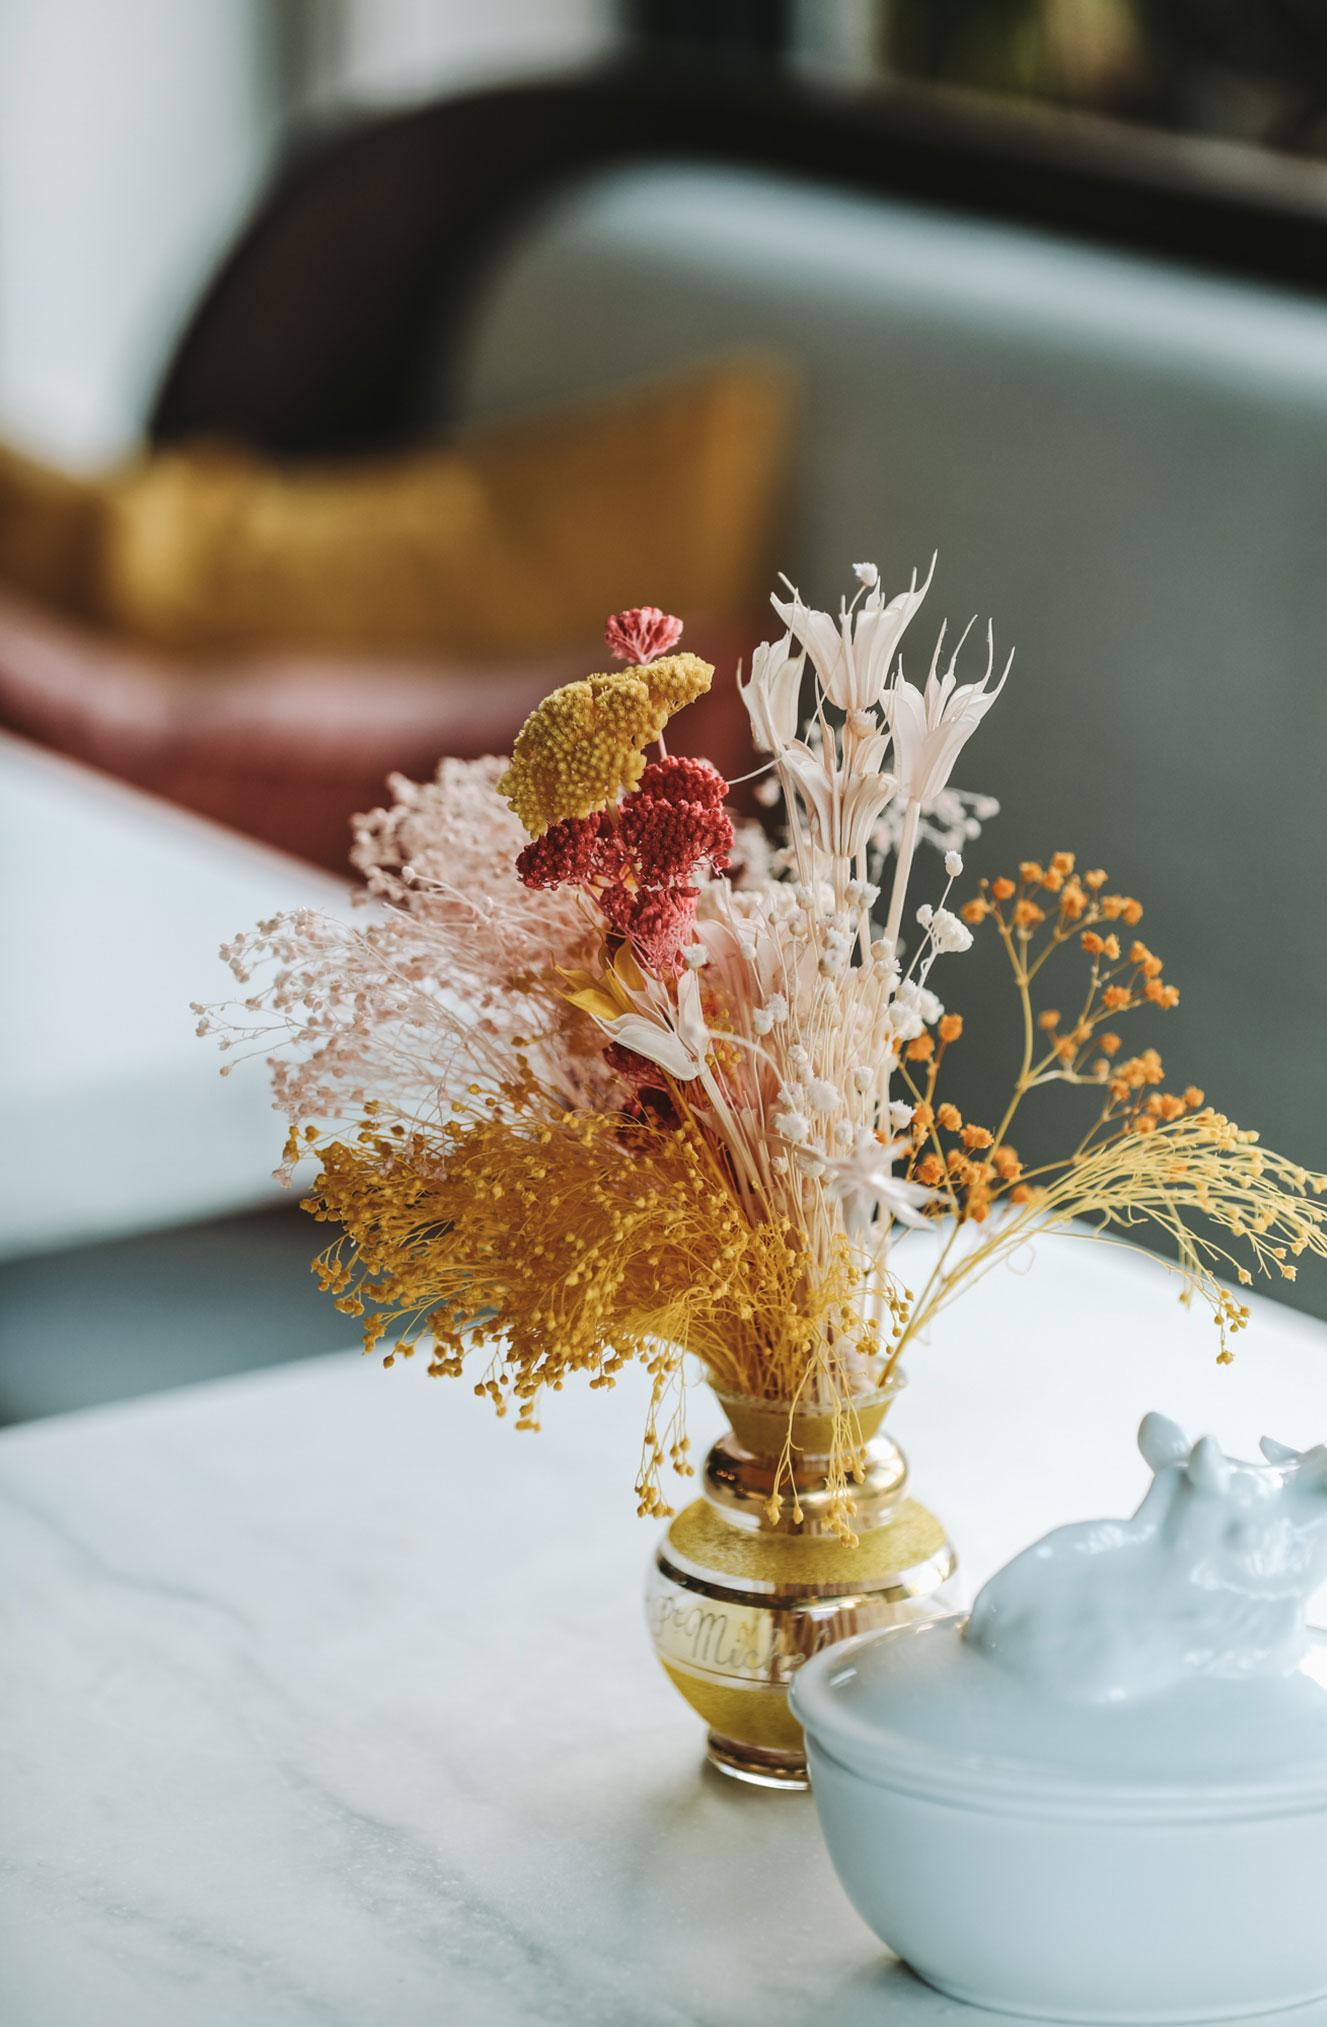 Ева Грейв в отеле Cosmopolitain в Биаррице / фото 13